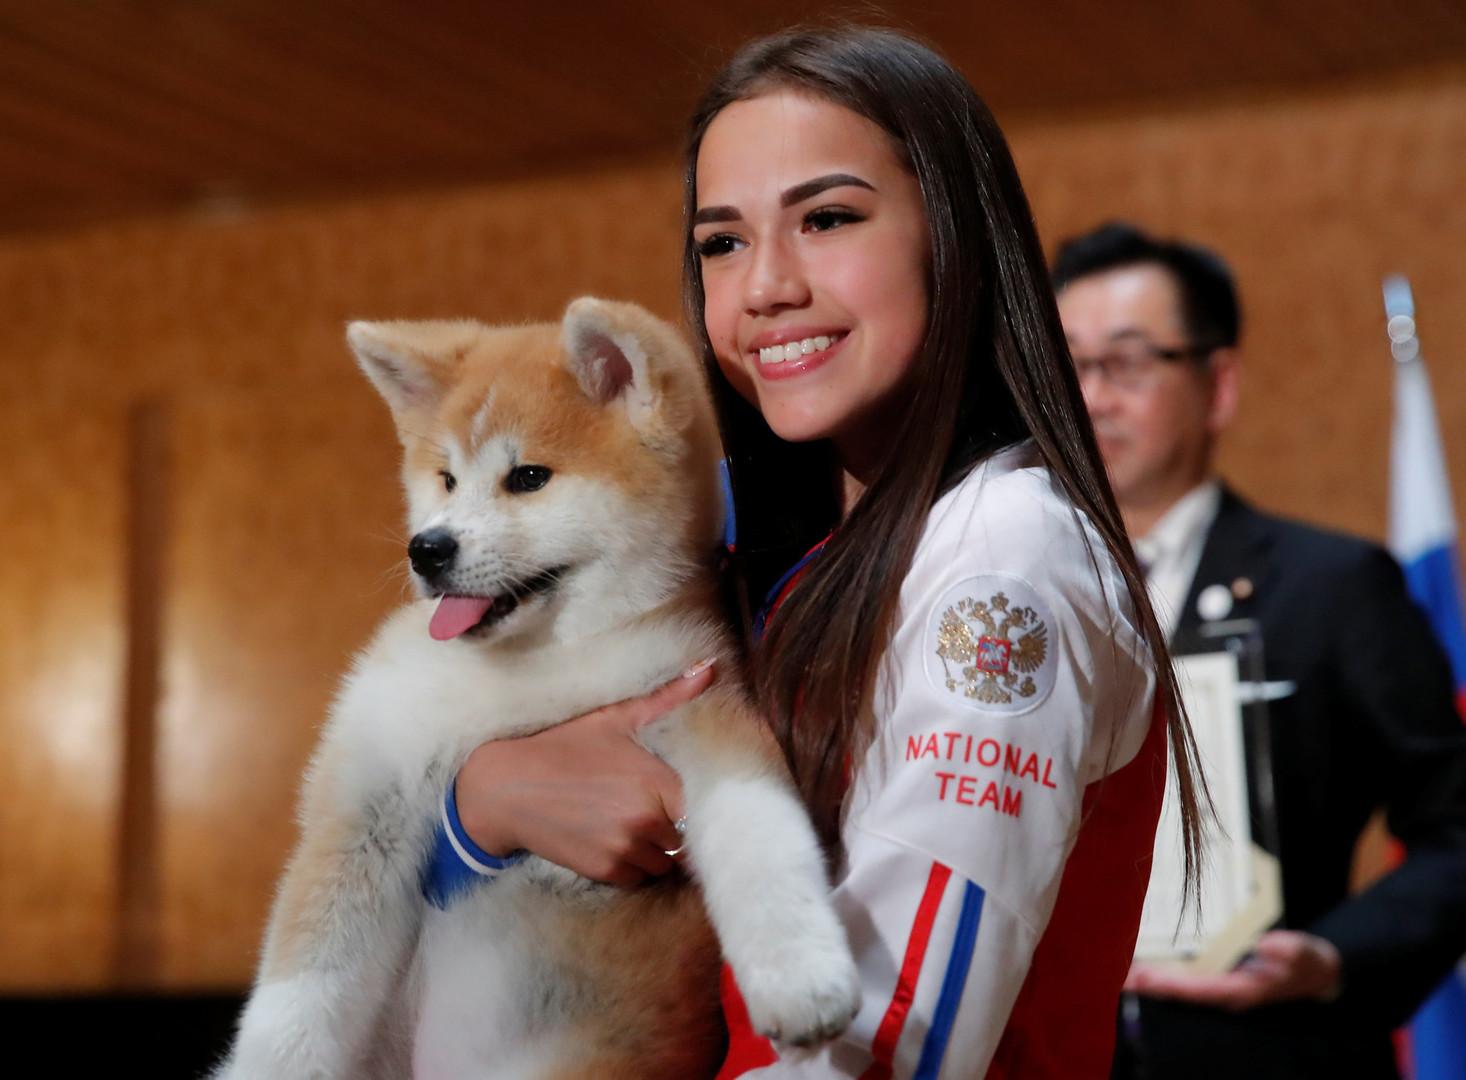 اليابان تهدي البطلة الأولمبية الروسية زاغيتوفا جروا من فصيلة نادرة